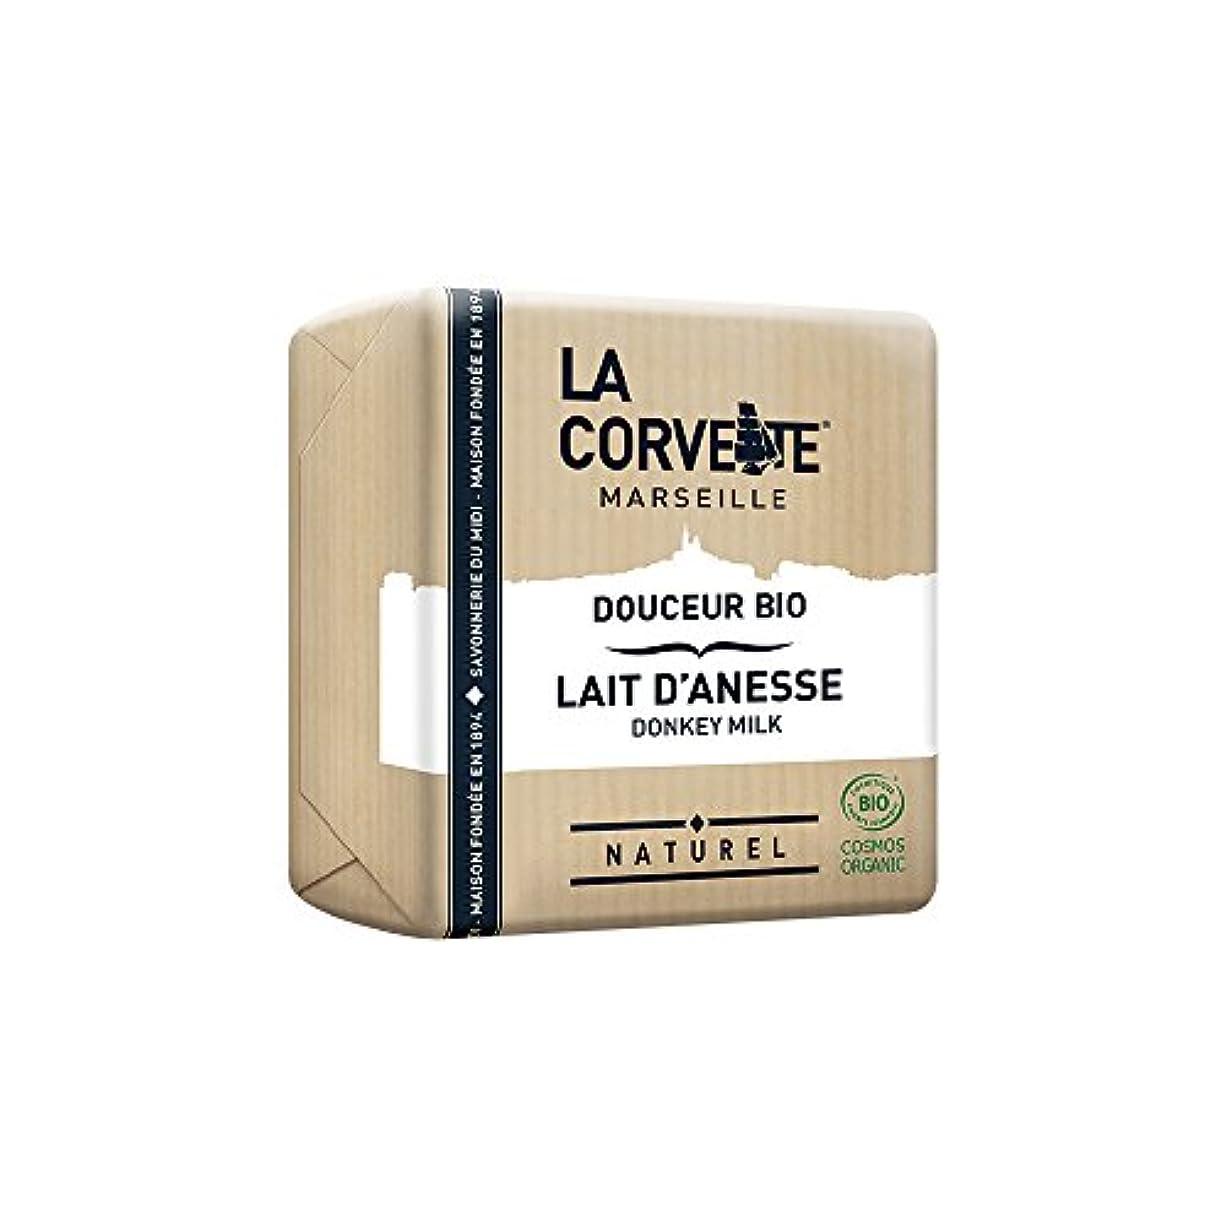 仕える会社閉塞La Corvette(ラ?コルベット) サボン?ドゥスール?ビオ ドンキーミルク 100g